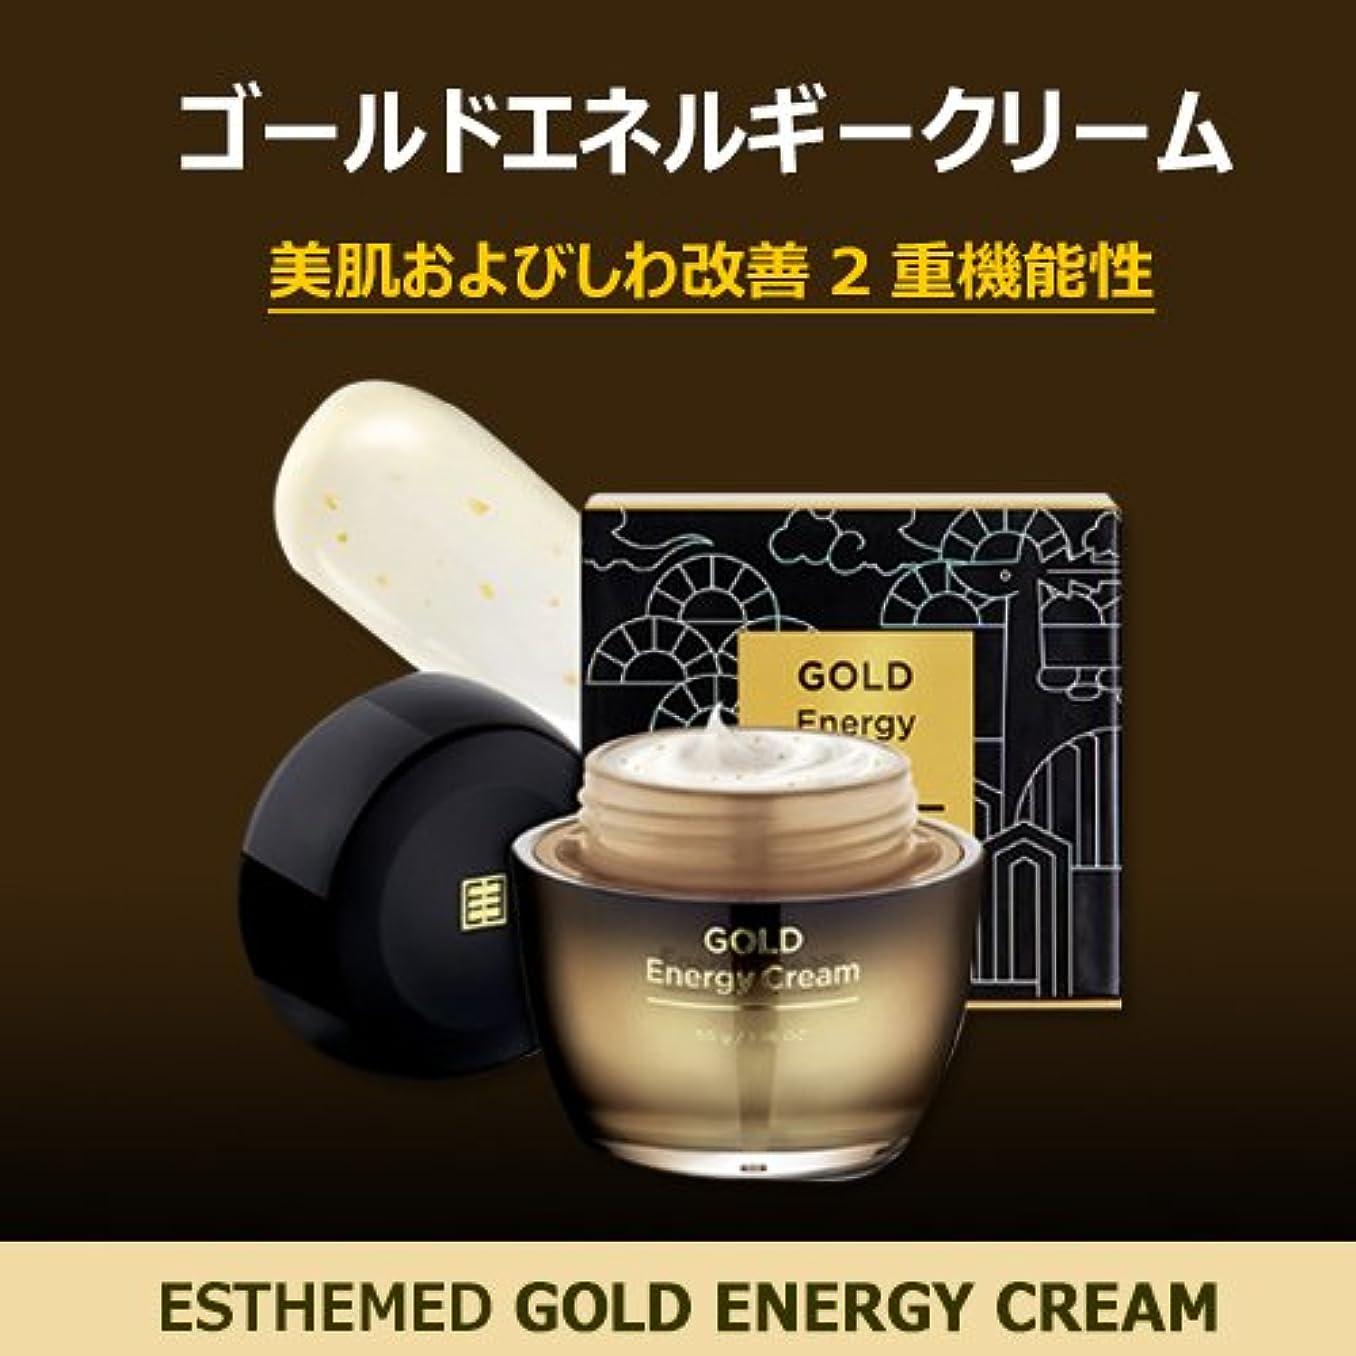 無傷スティーブンソンヘアESTHEMED エステメド ゴールド エネルギー クリーム GOLD Energy Cream 50g 【 シワ改善 美肌 保湿 回復 韓国コスメ 】